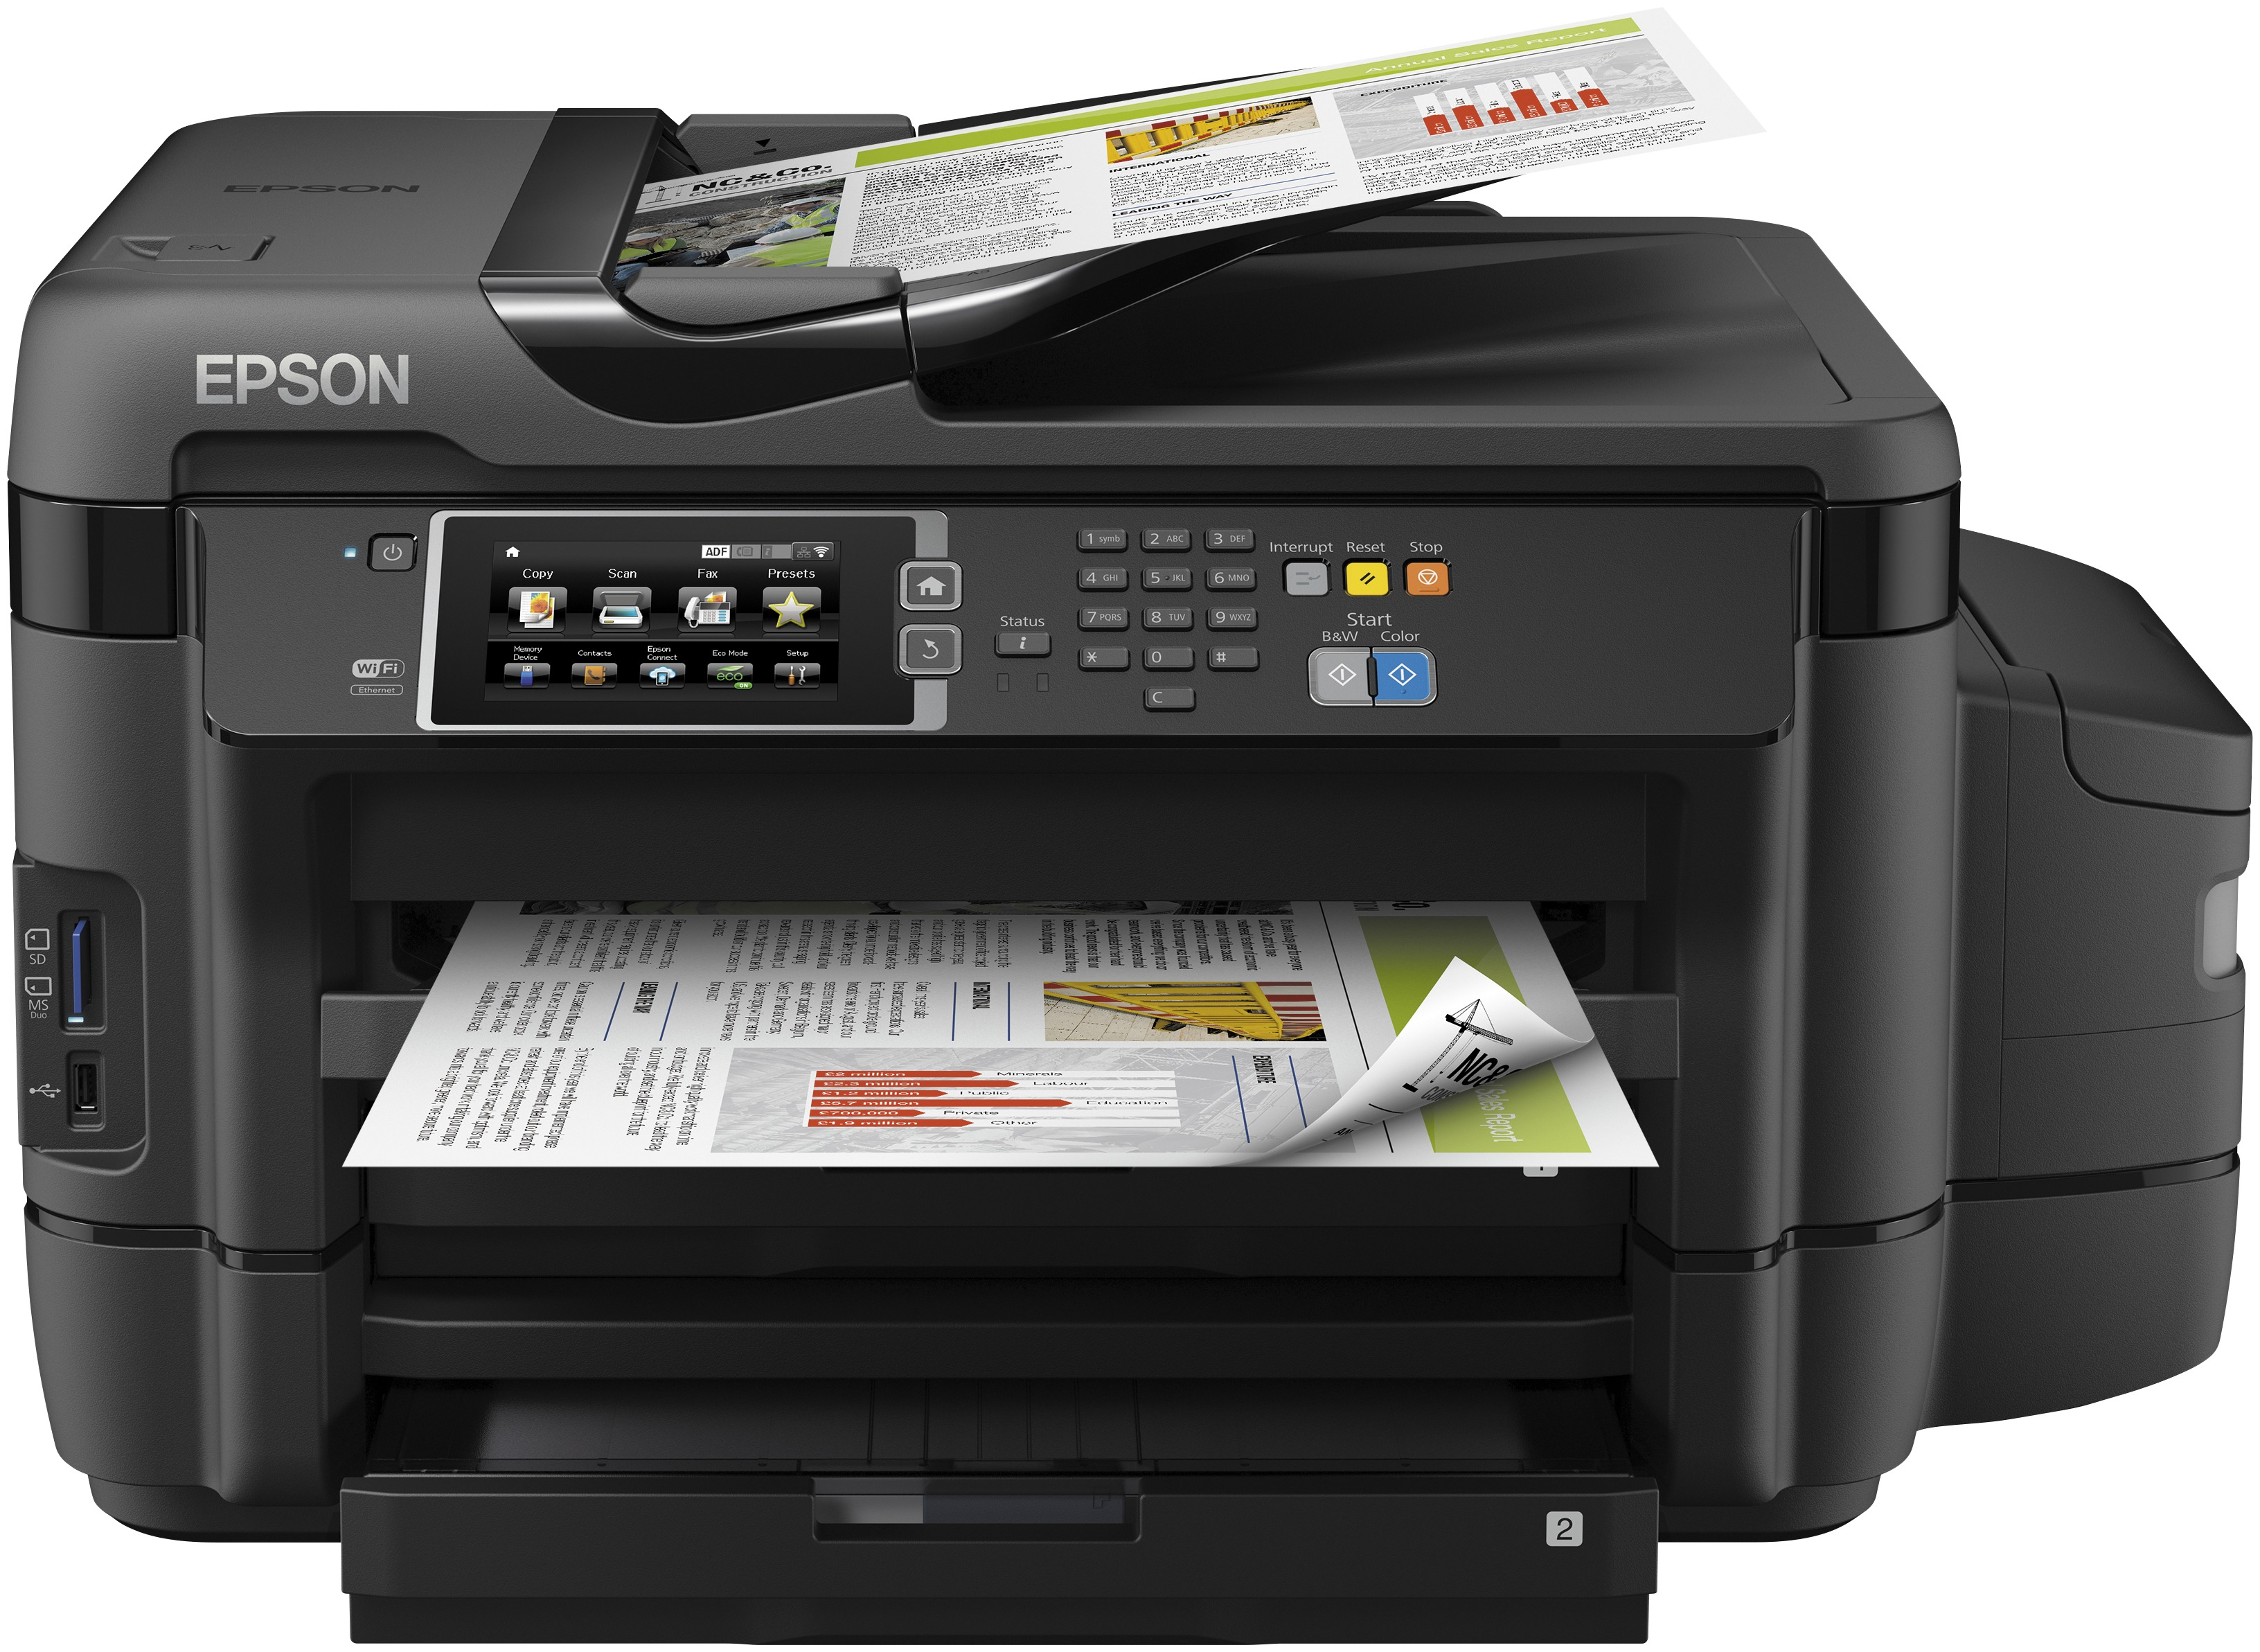 Epson all-in-one inkjet printer EcoTank ET-16500